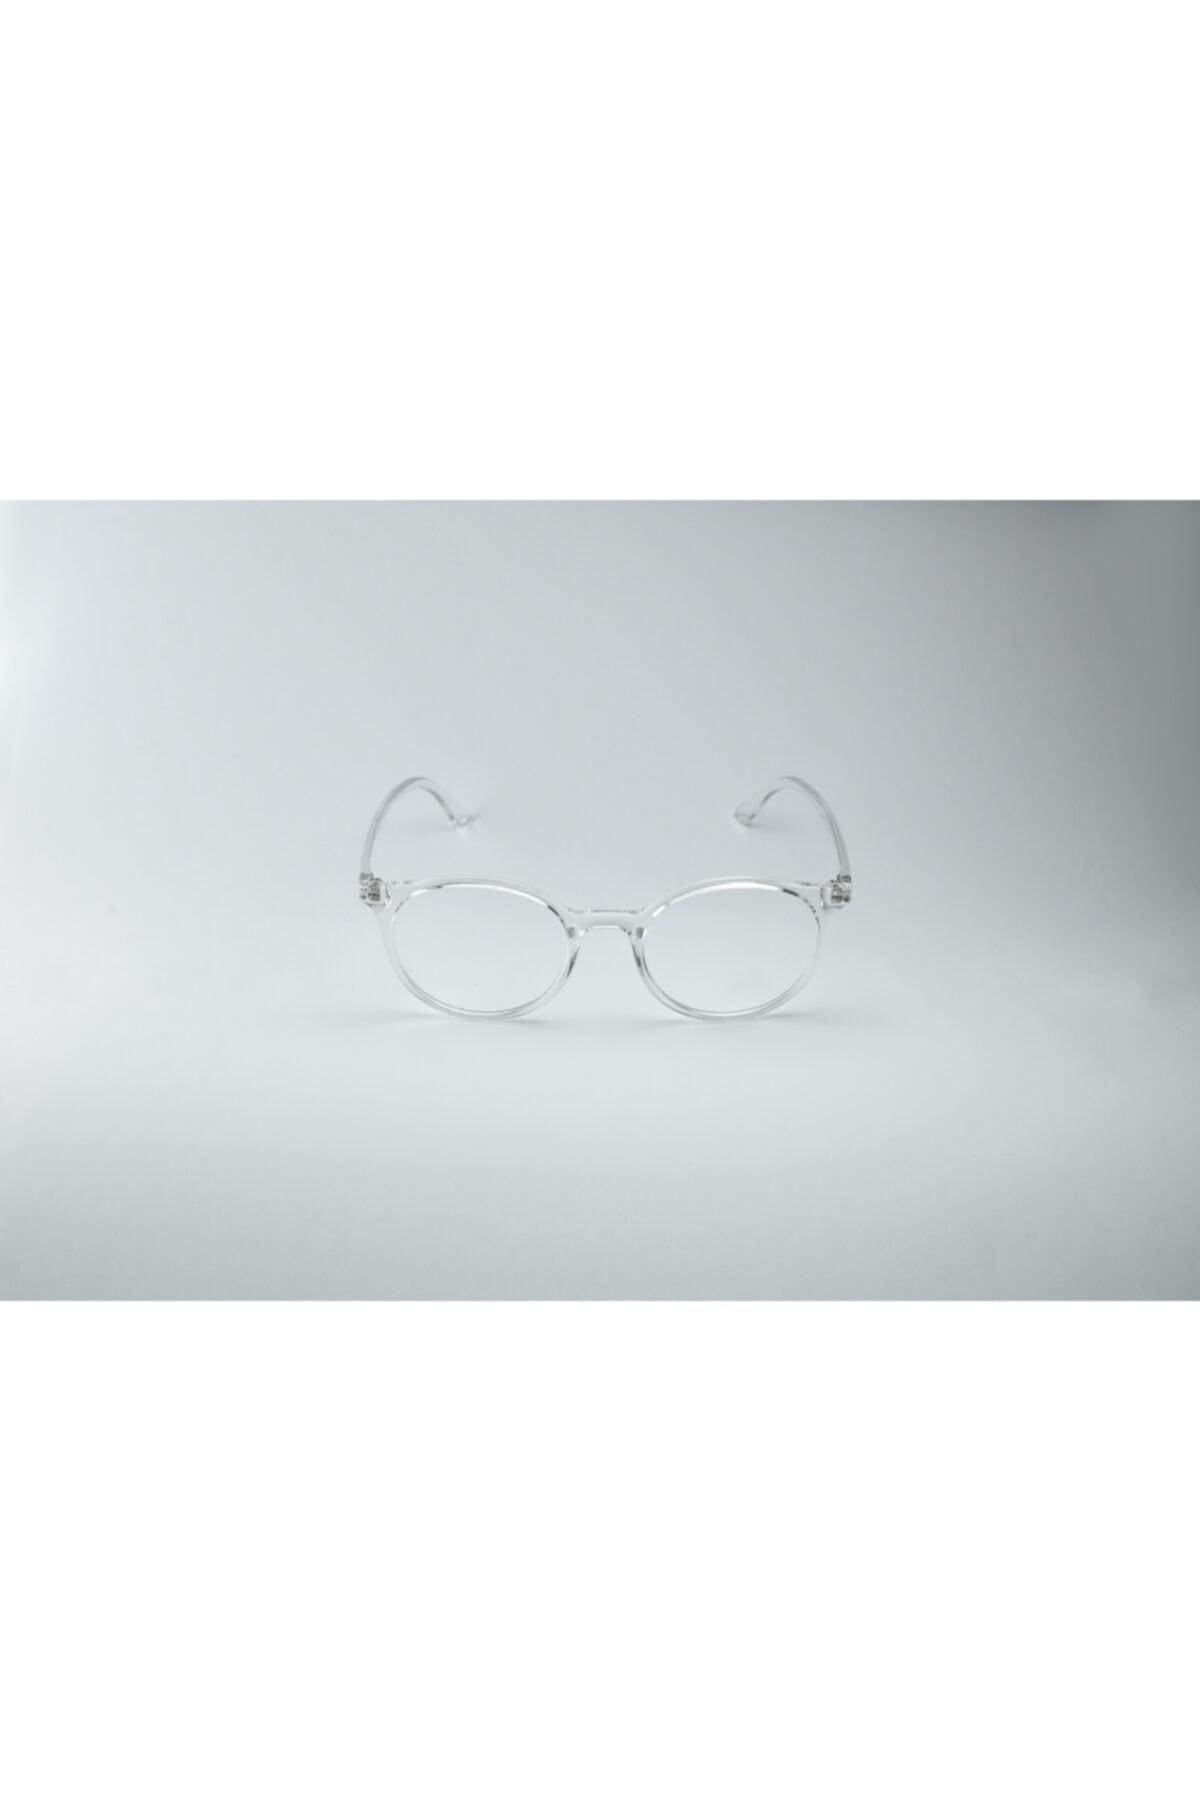 Unısex Mavi Işık Korumalı Gözlük